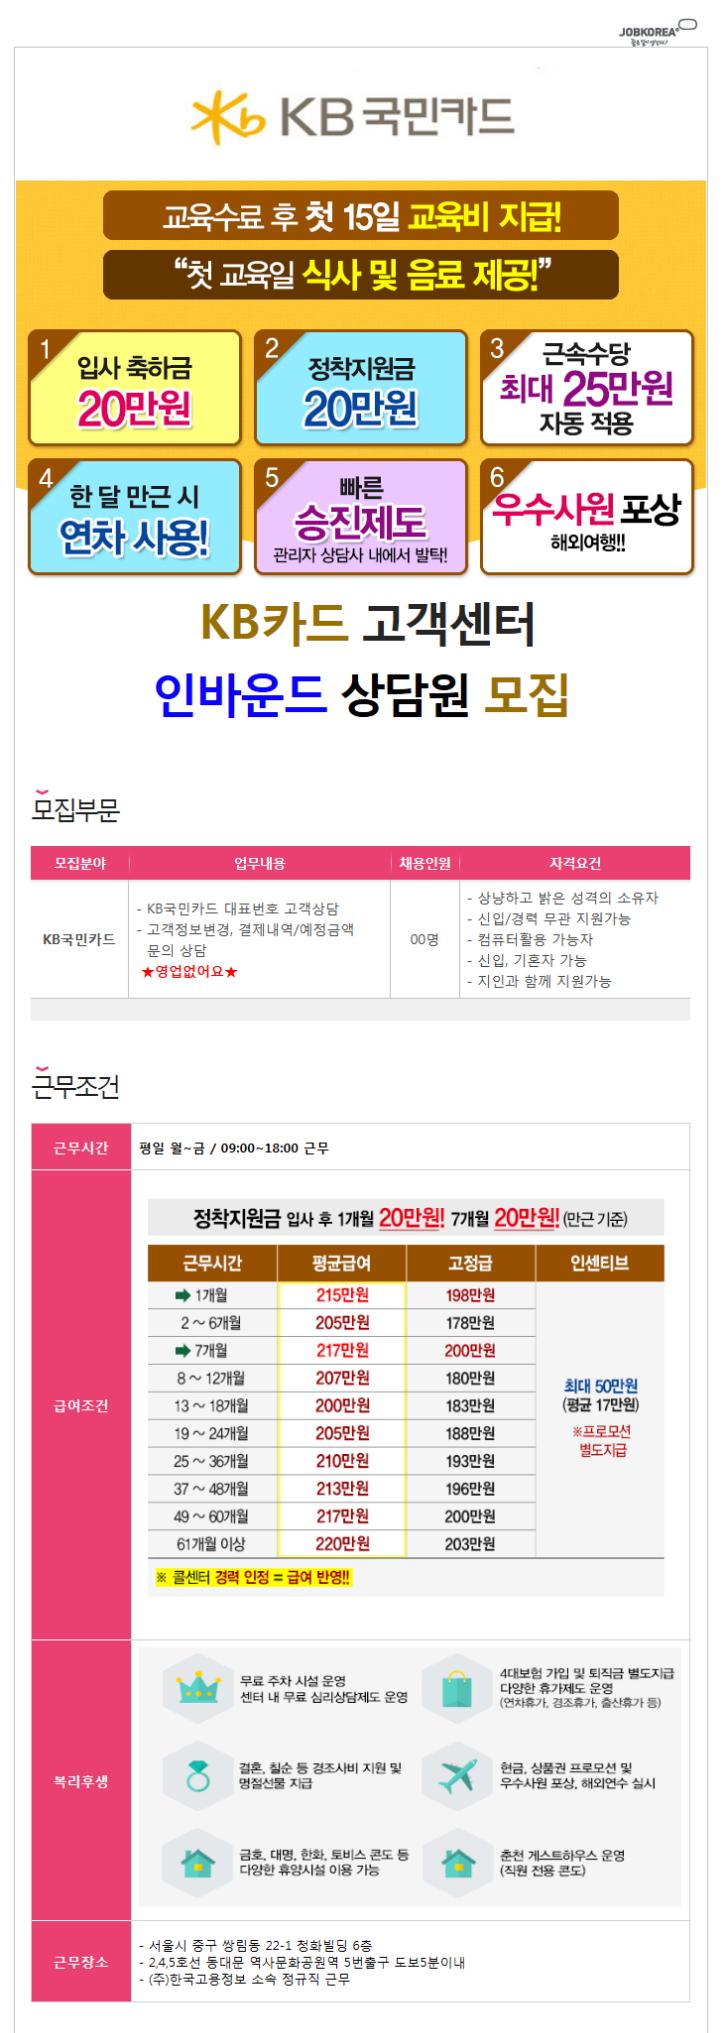 국민카드_공고.png